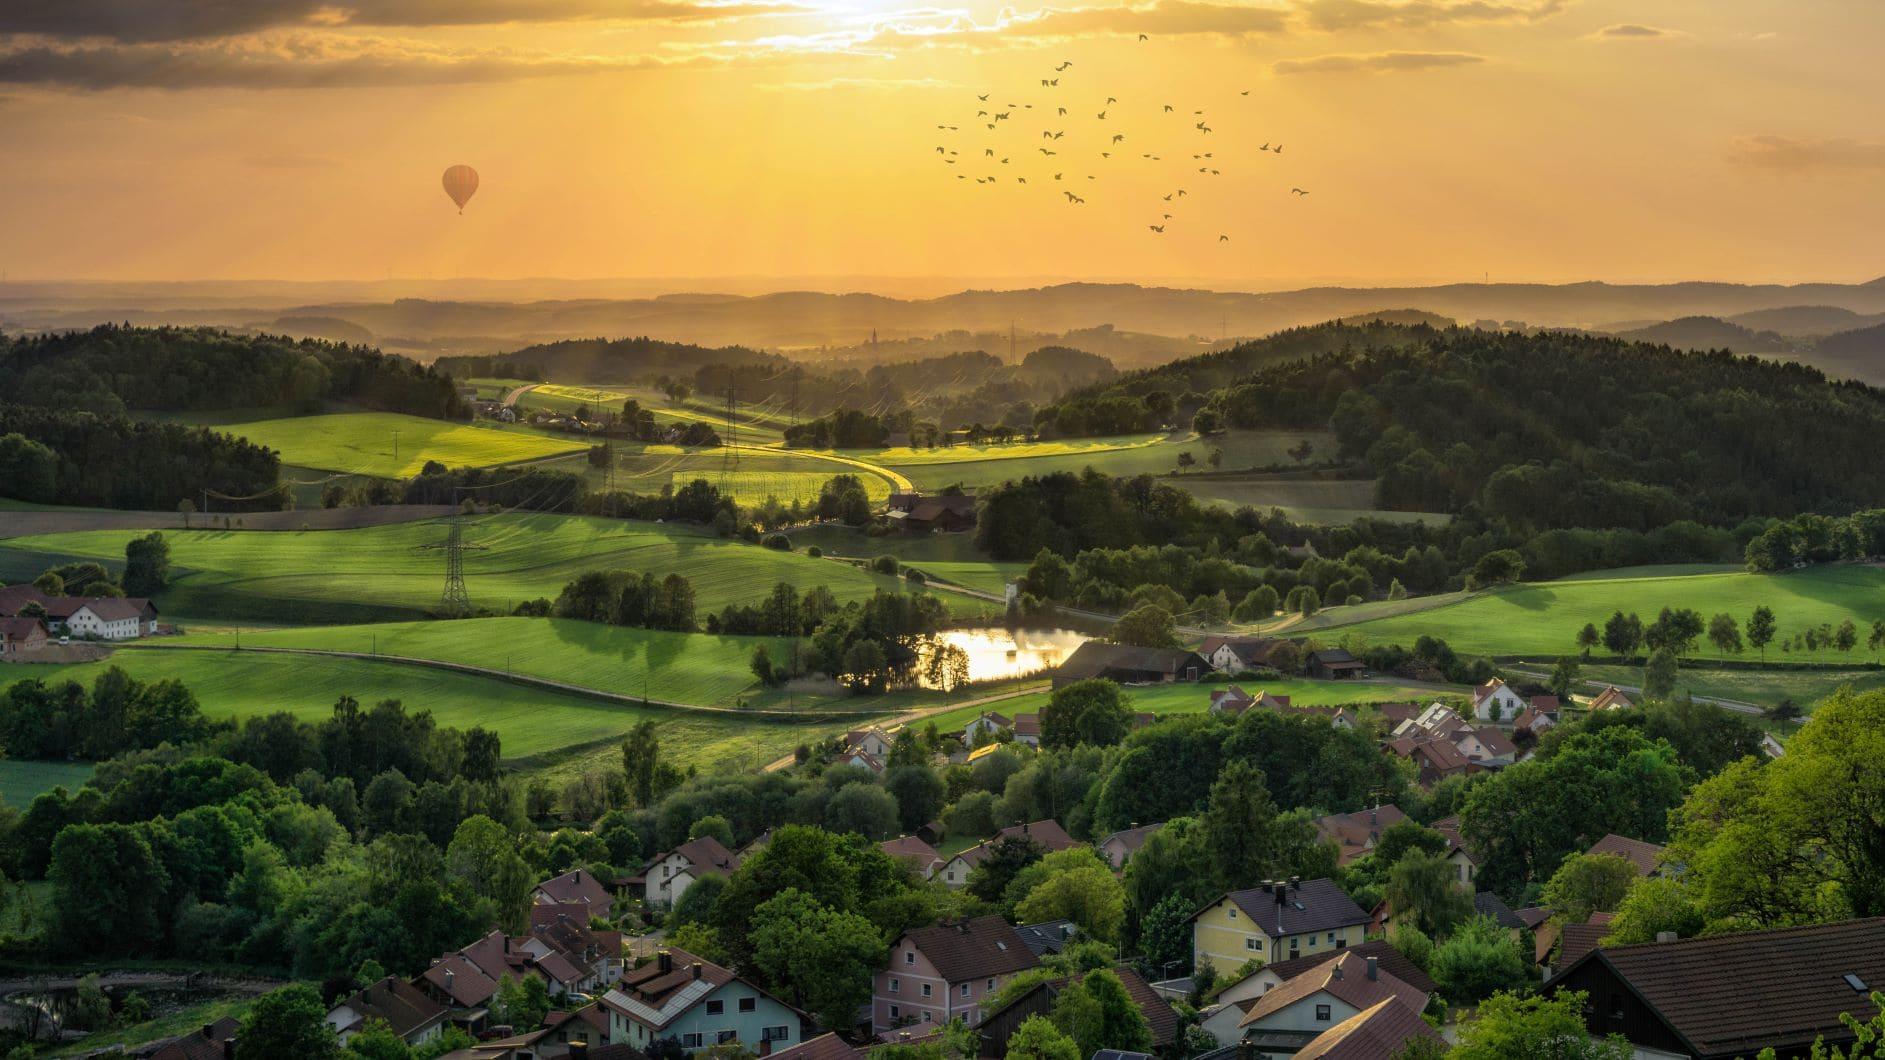 Auf Foto-Tour durch das #regensburgerland Der Landkreis Regensburg steht im August im Fokus des Fotowettbewerbs #meineoberpfalz